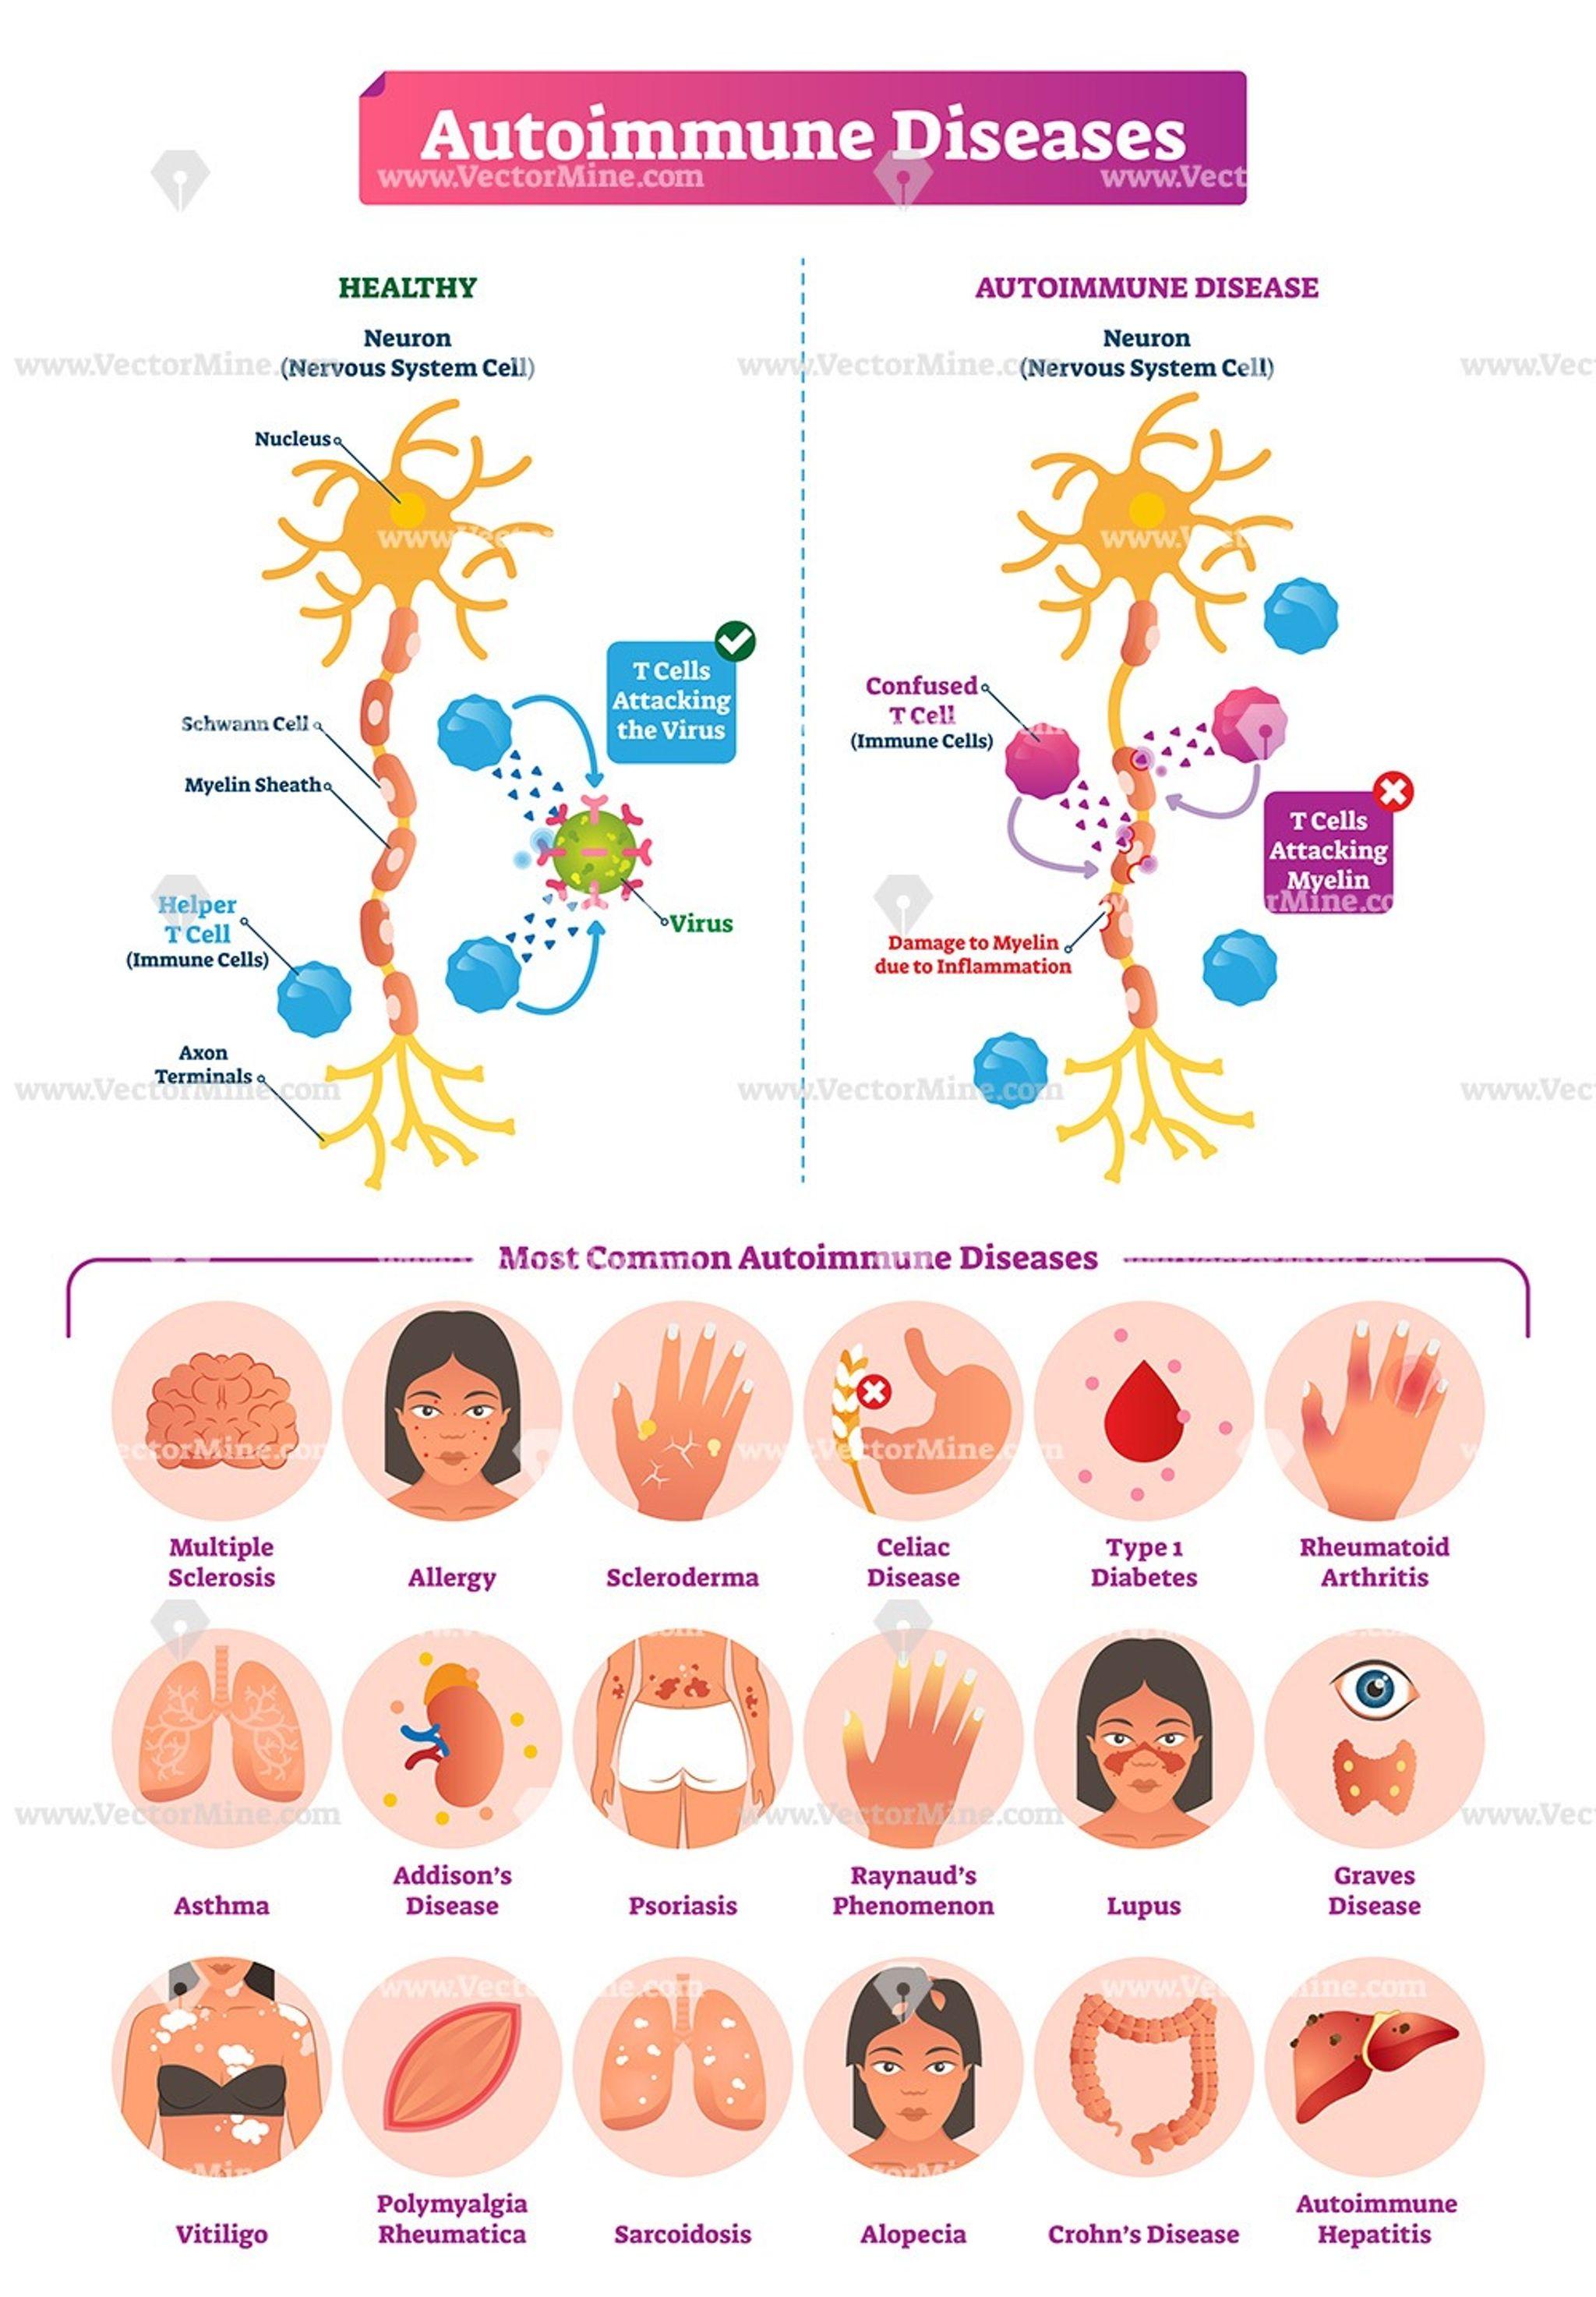 arthrosis bischofite kezelés)